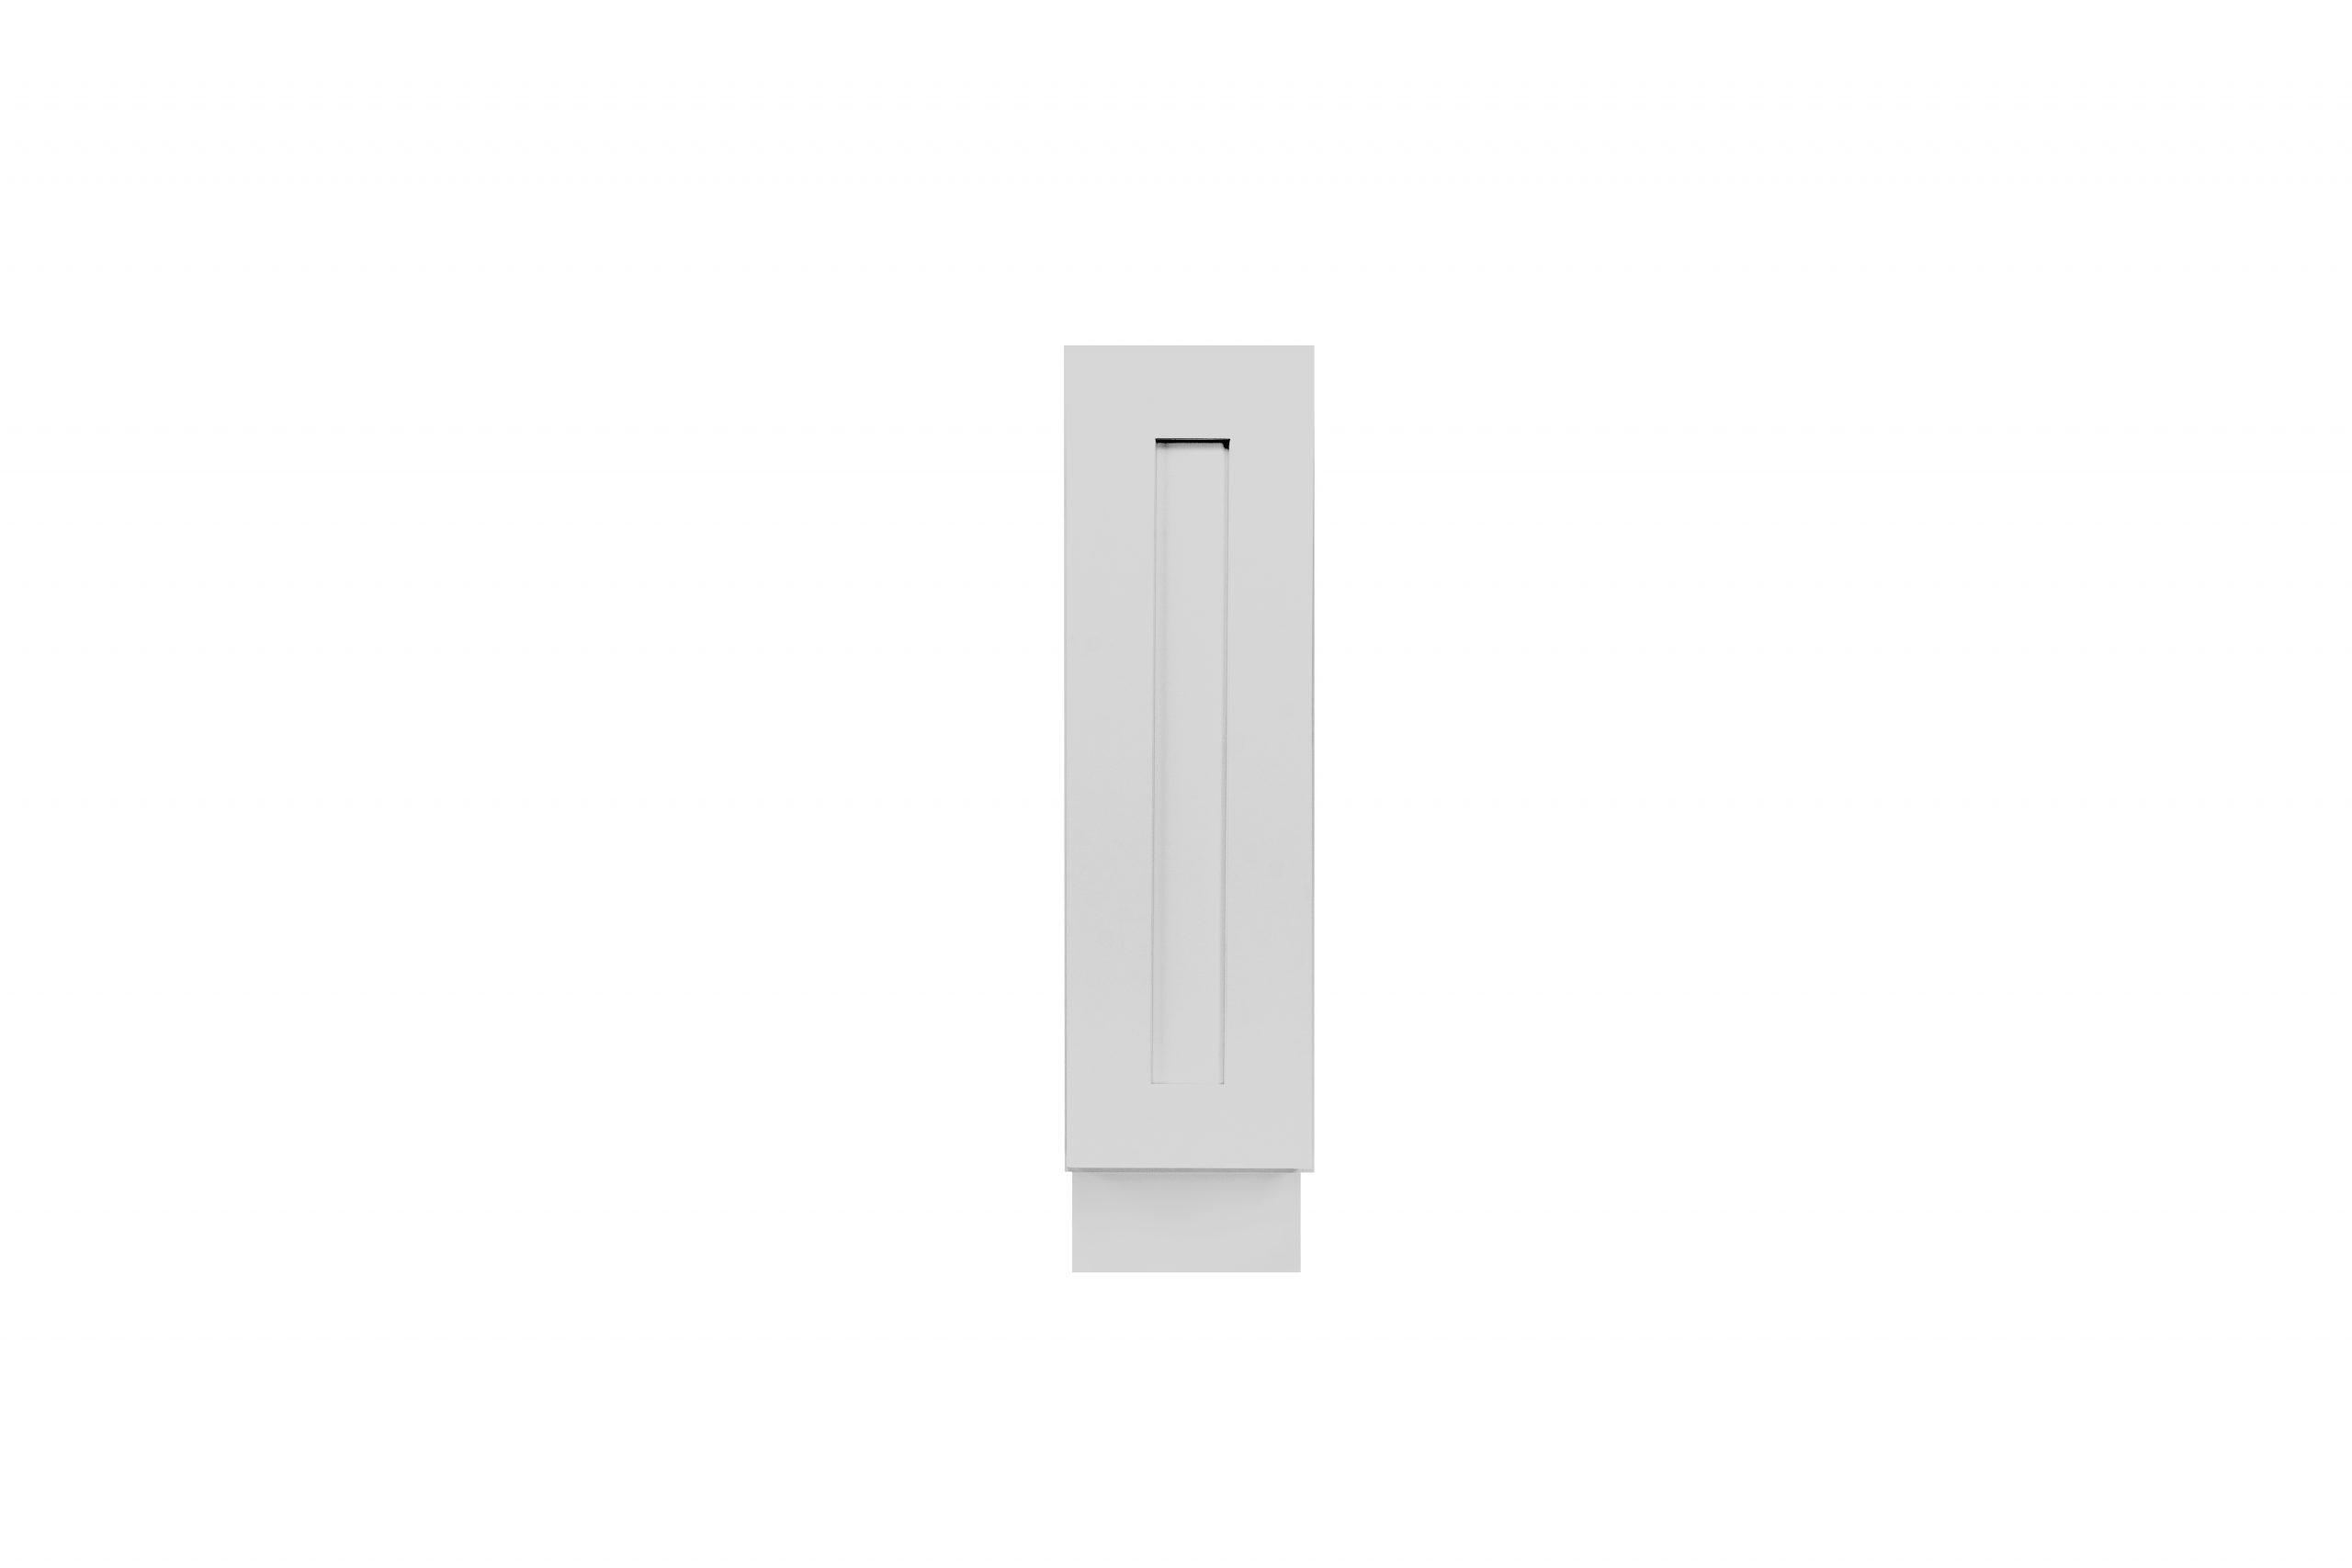 Gray Shaker Cabinetry SR06, SR09